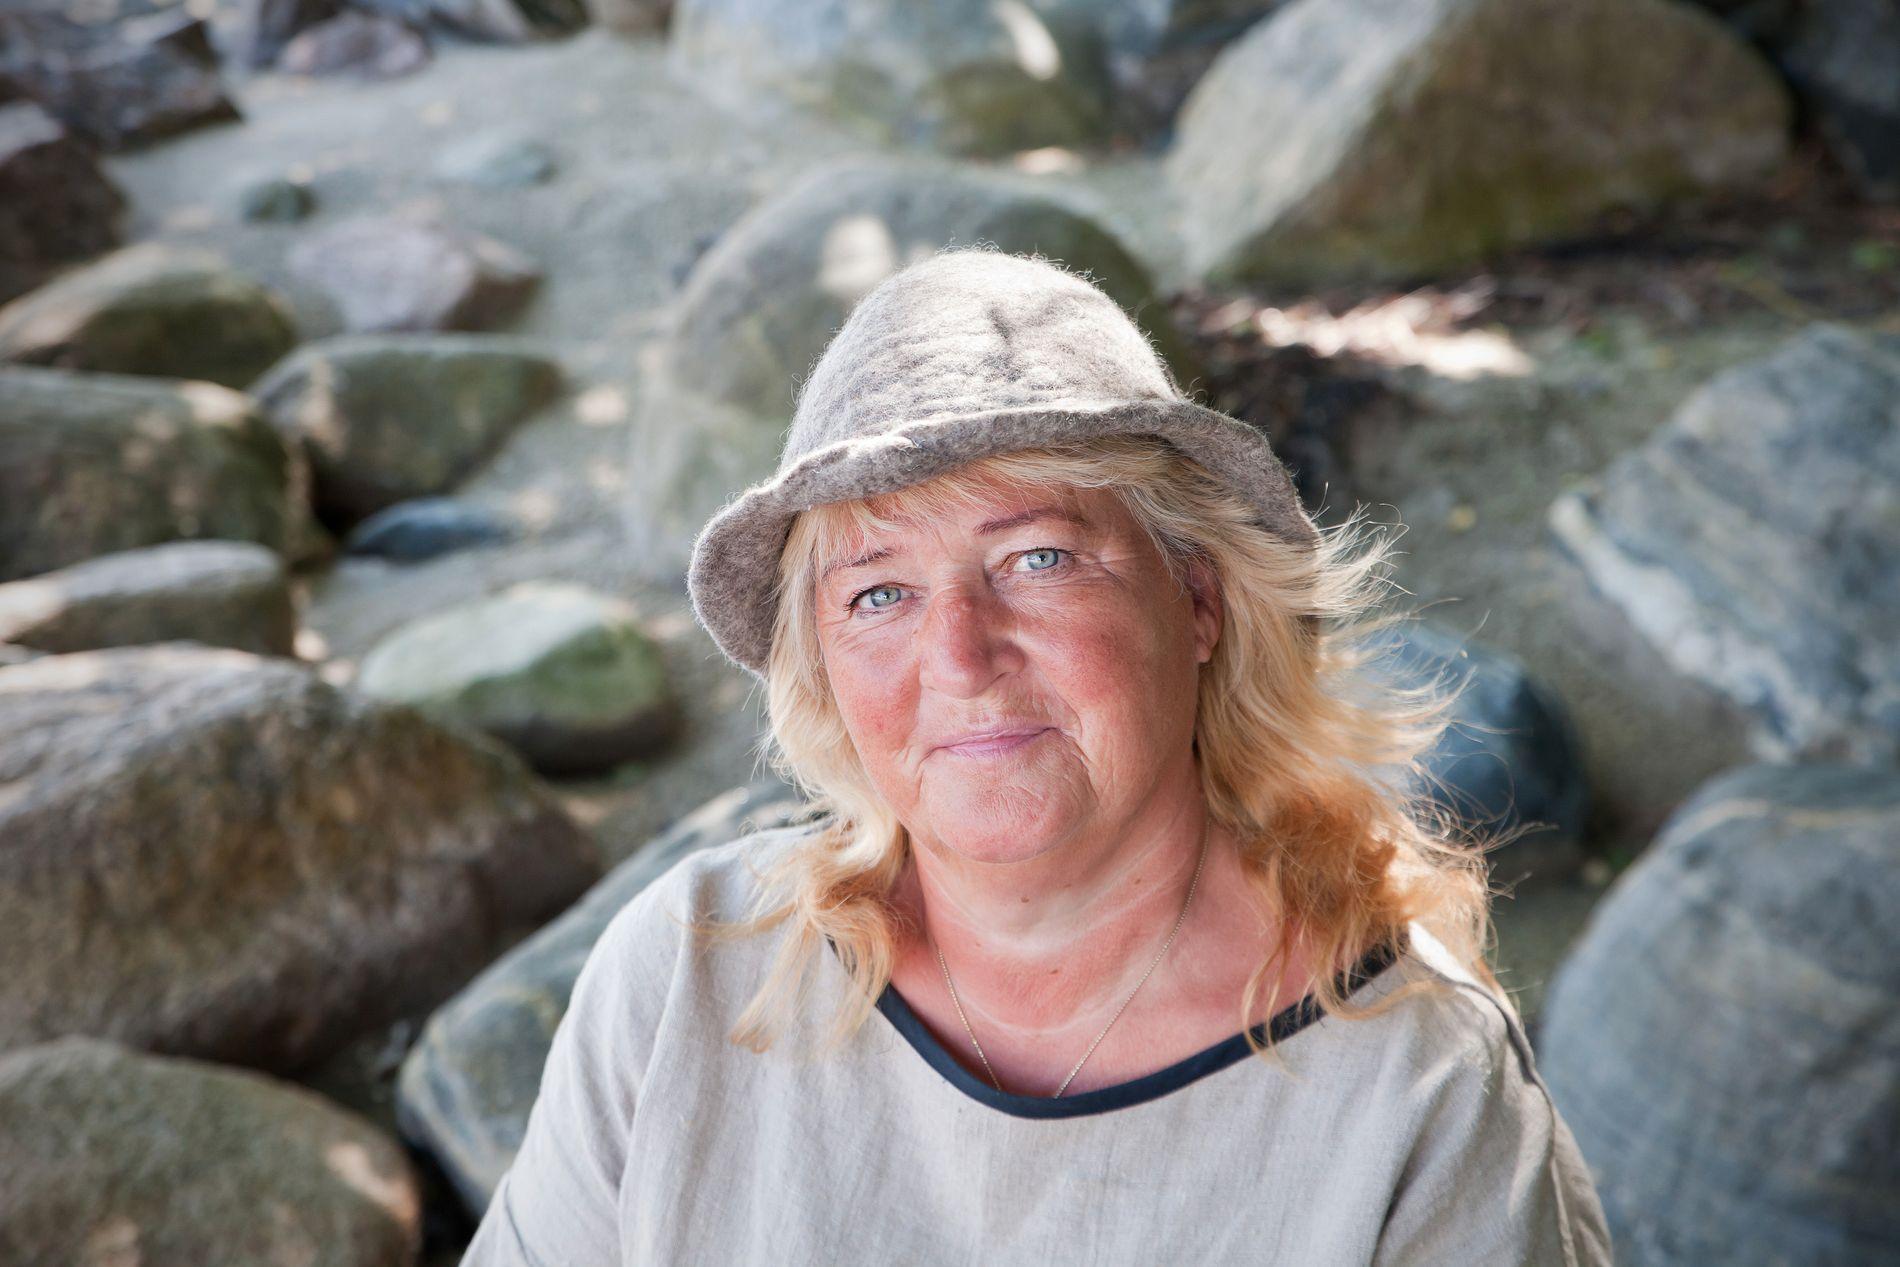 IKKE REDD FOR KRANGLER: Line Soumalainen markerer seg i første «Farmen»-episode.